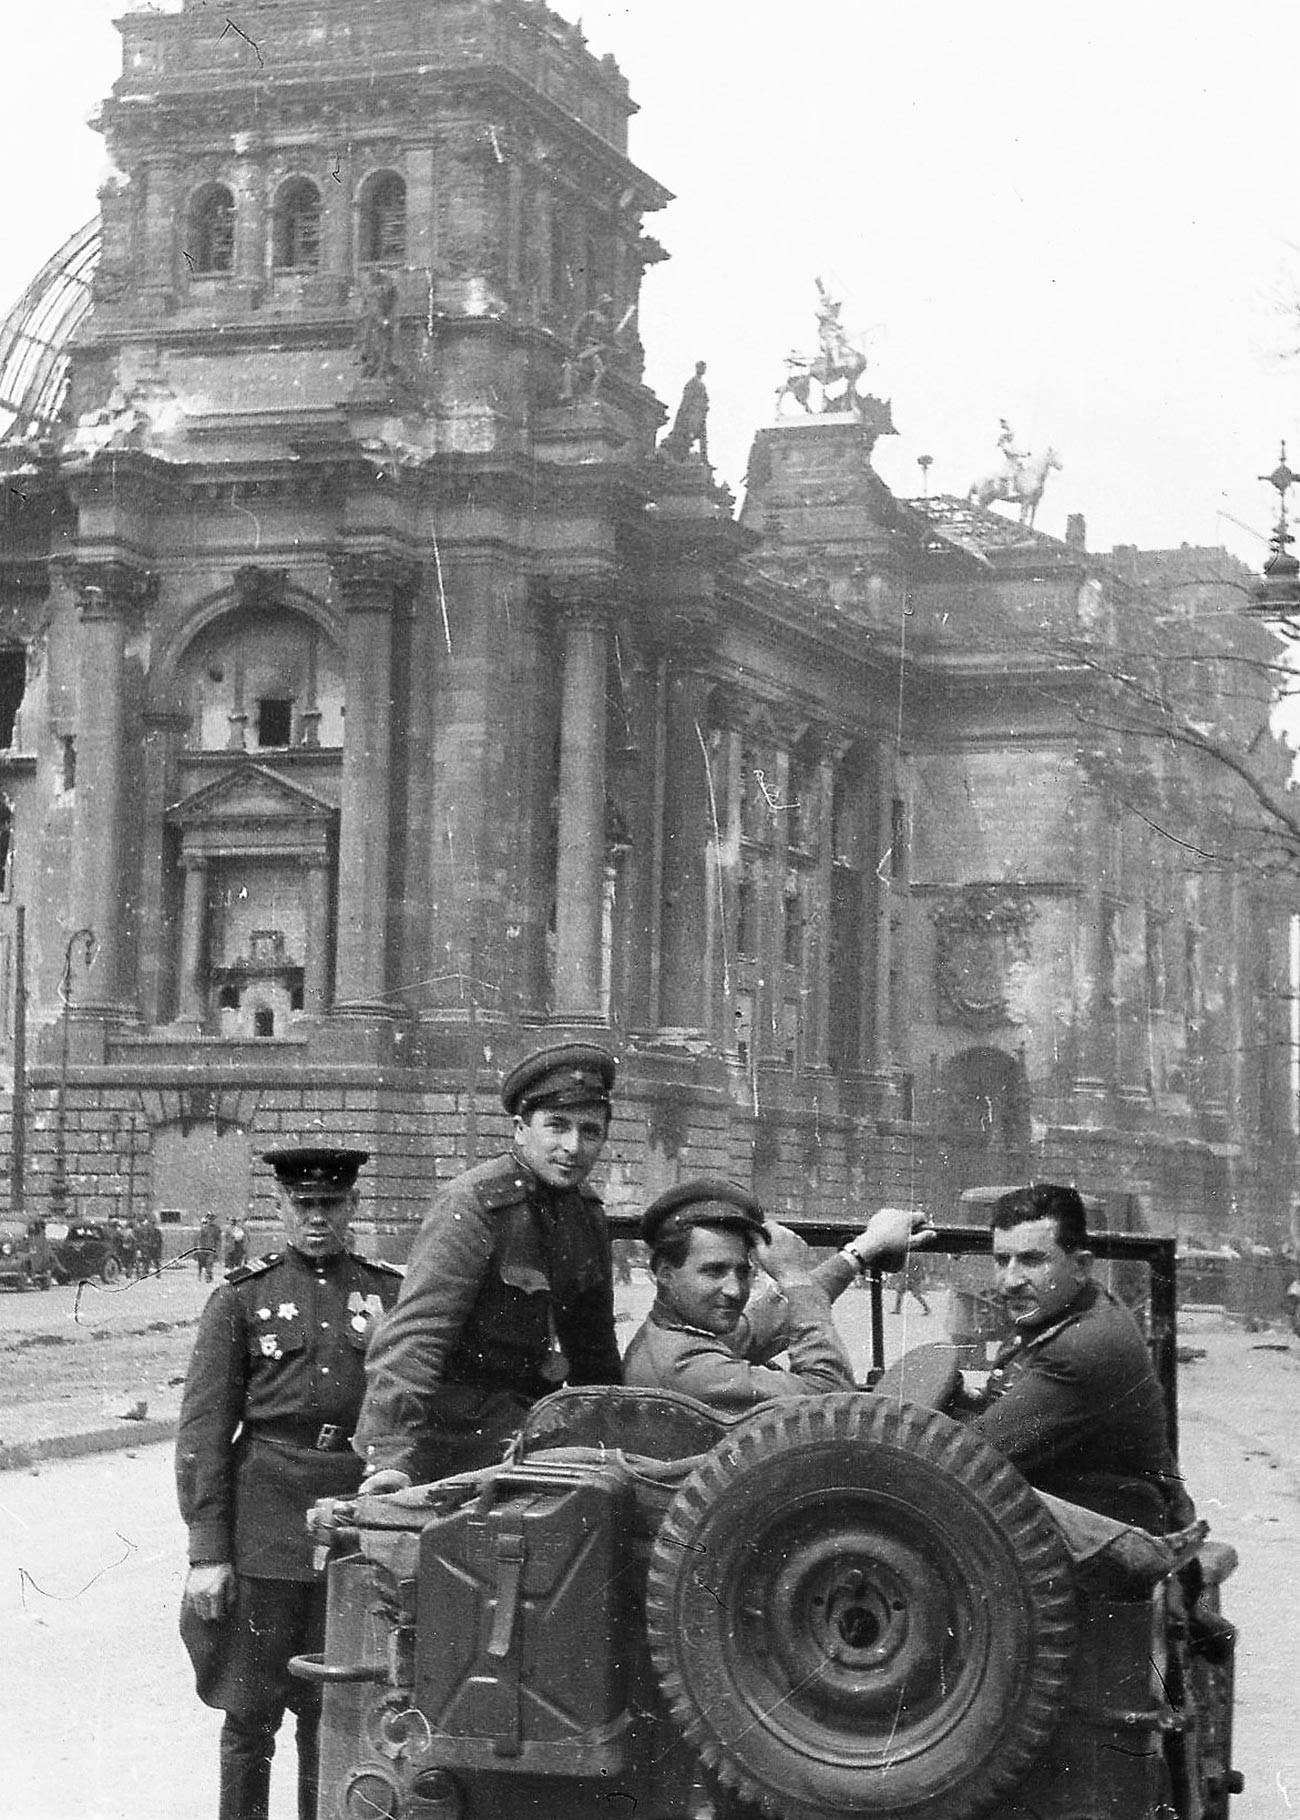 Илья Аронс. Справа-налево: Генерал-майор Матвей Вайнтруб, писатель Константин Симонов, кинооператор Илья Аронс у здания Рейхстага, Берлин, 1945 г.